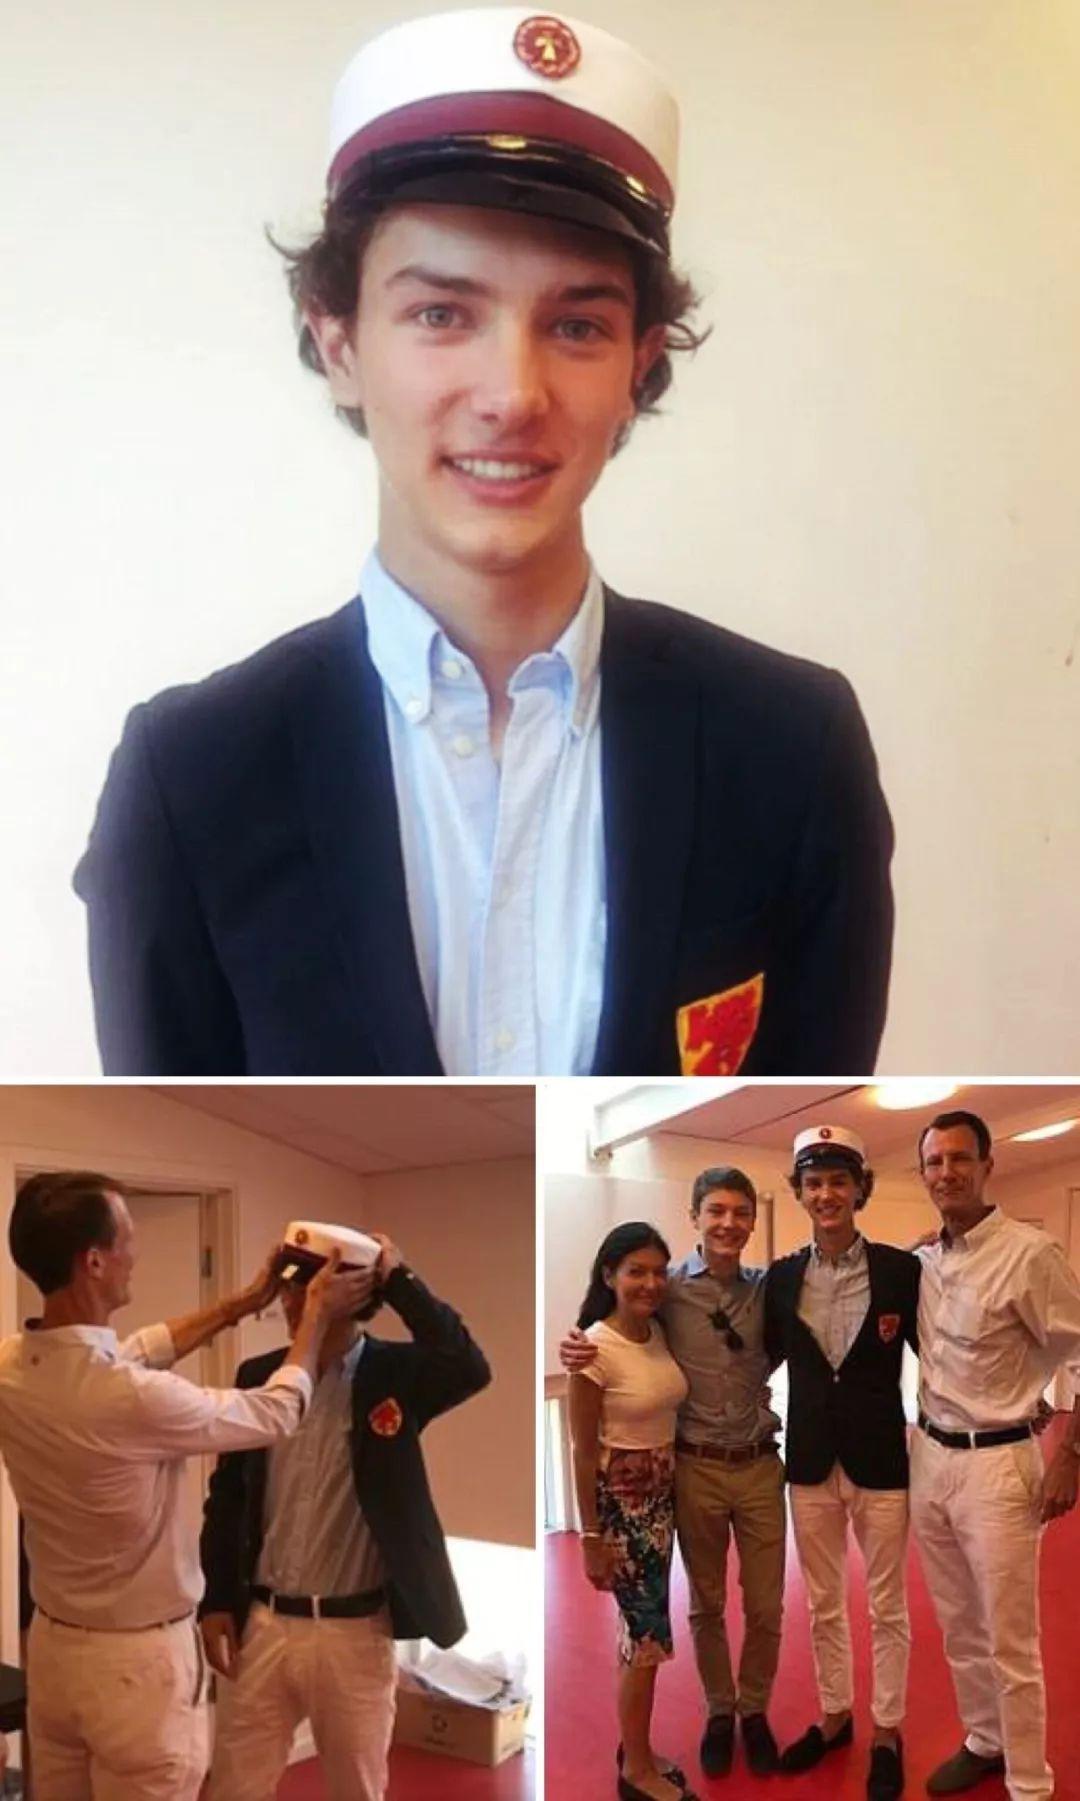 走了Dior和Burberry大秀的丹麦皇室王子,竟有中国血统?